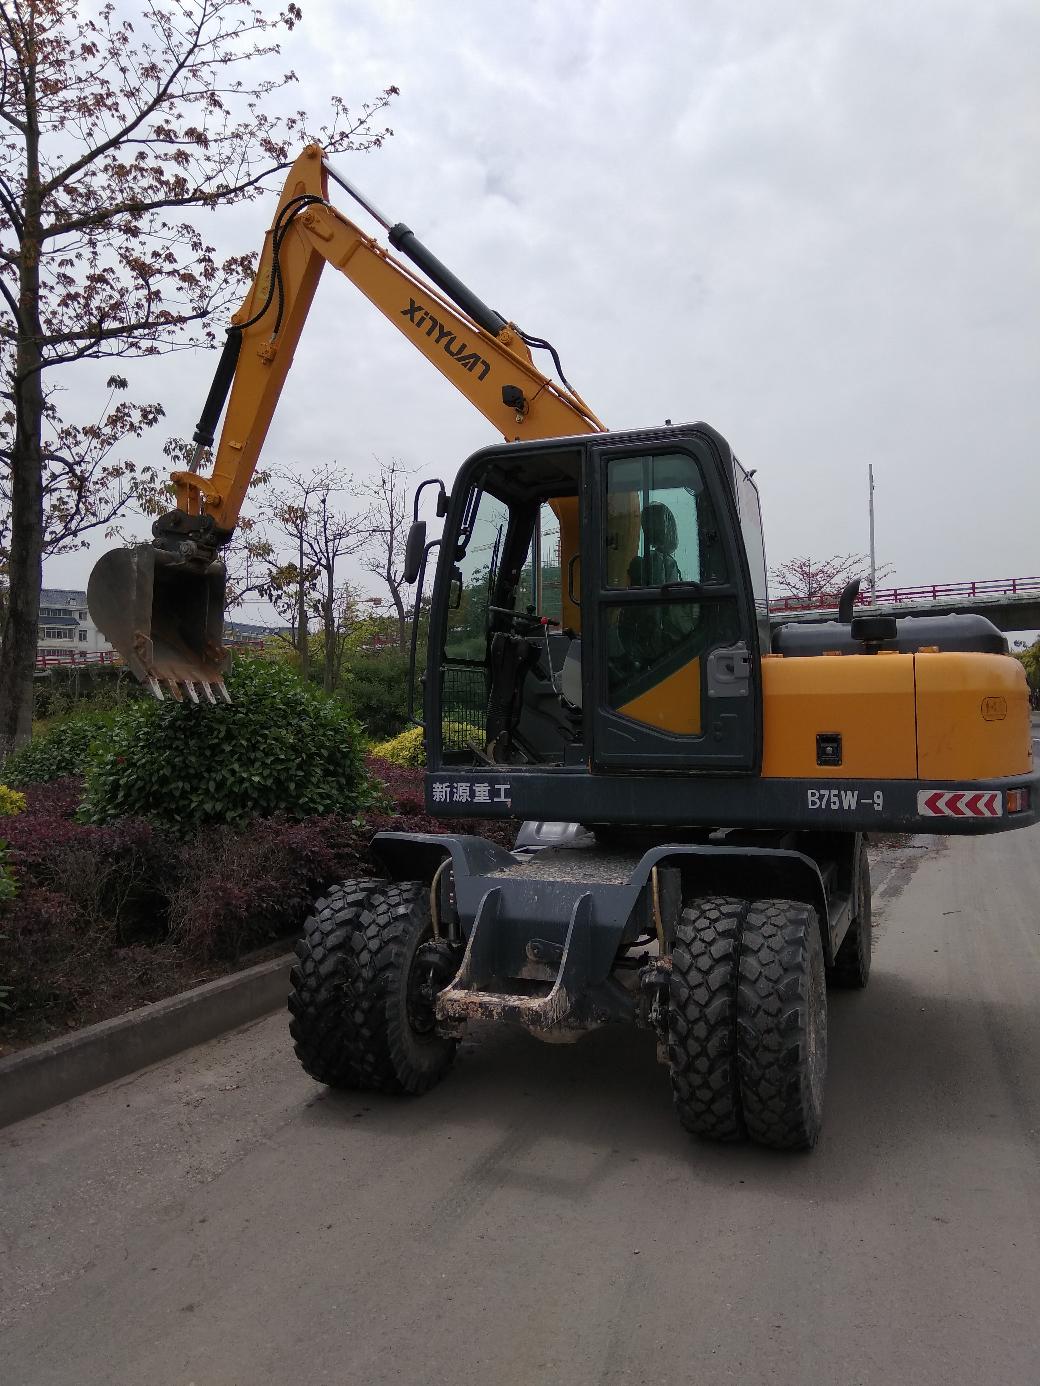 聊聊人生第一台属于自己的挖机——新源B75W-9轮挖